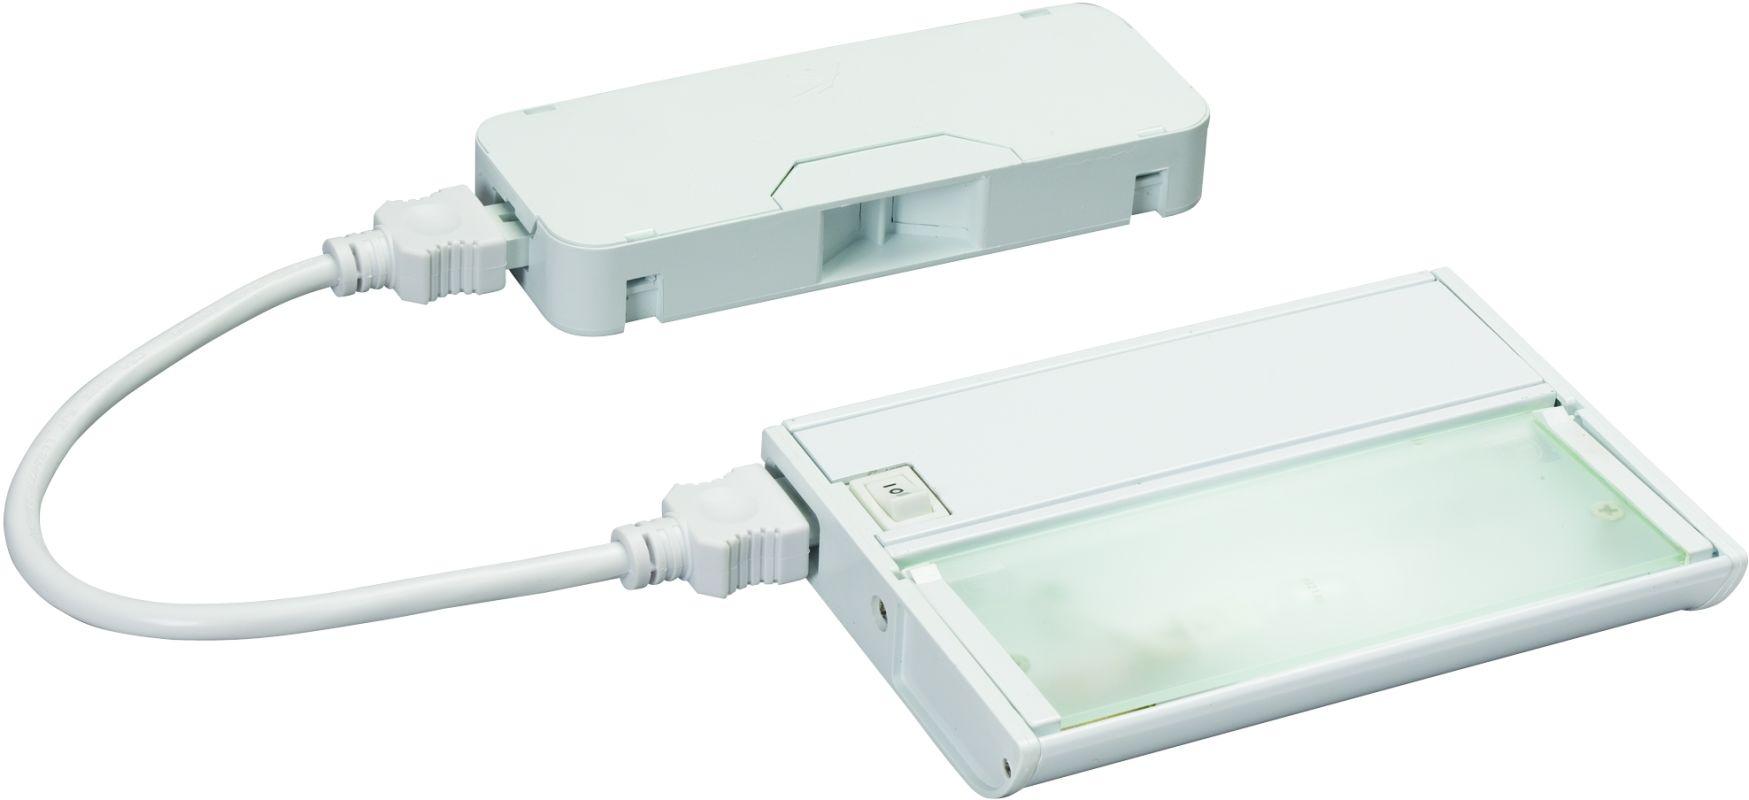 """Kichler 10568 TaskWork Modular 1 Light 7"""" Under Cabinet Light Starter"""